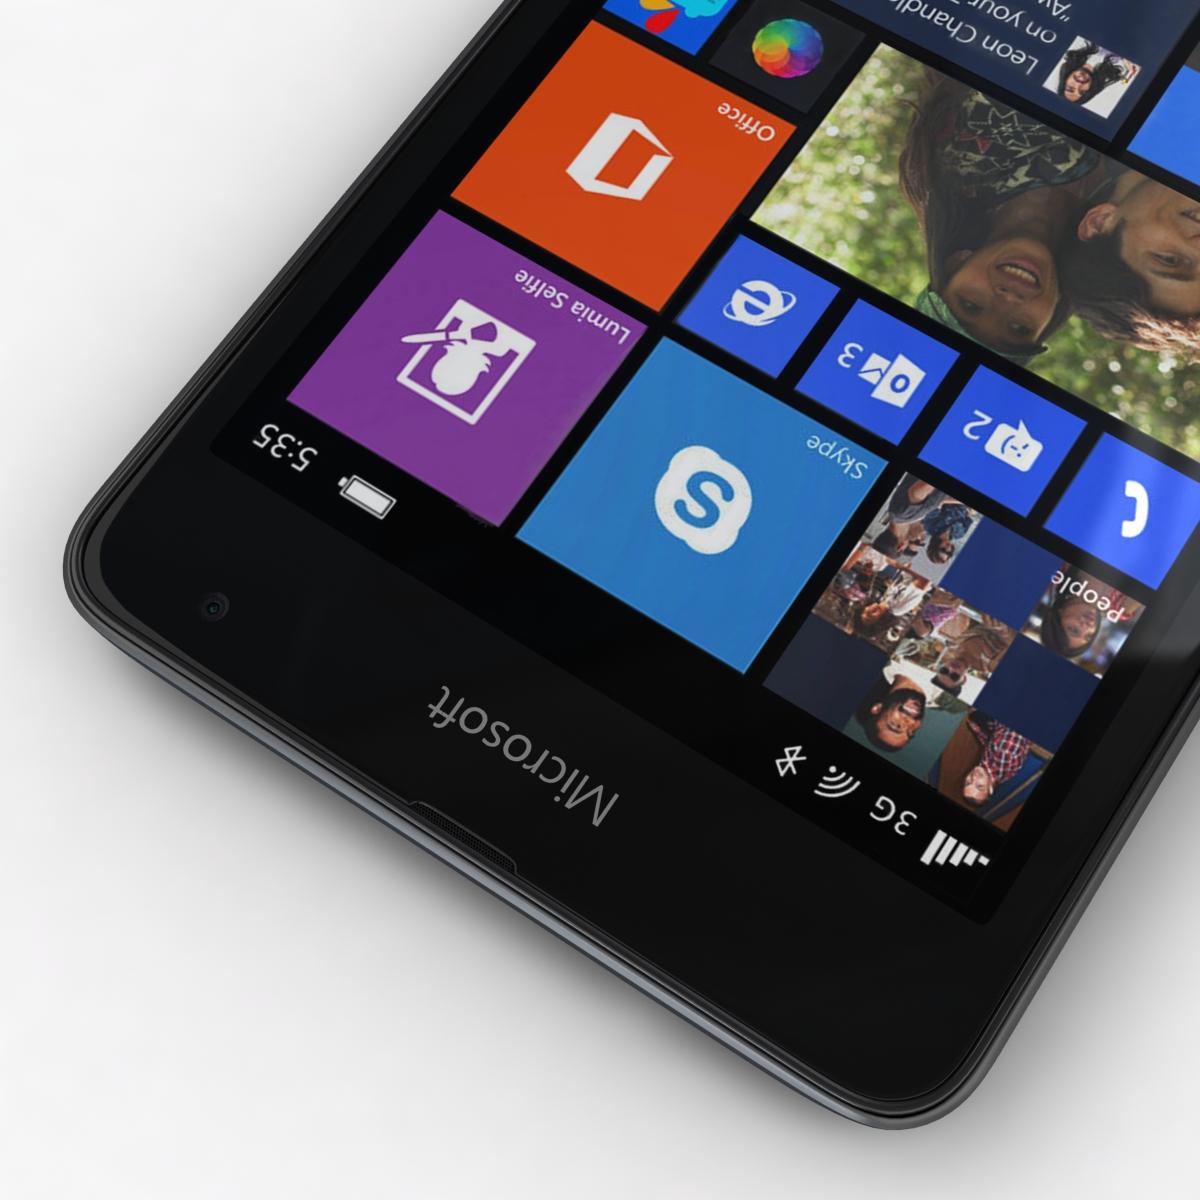 microsoft lumia 535 and dual sim gray 3d model 3ds max fbx c4d obj 204467